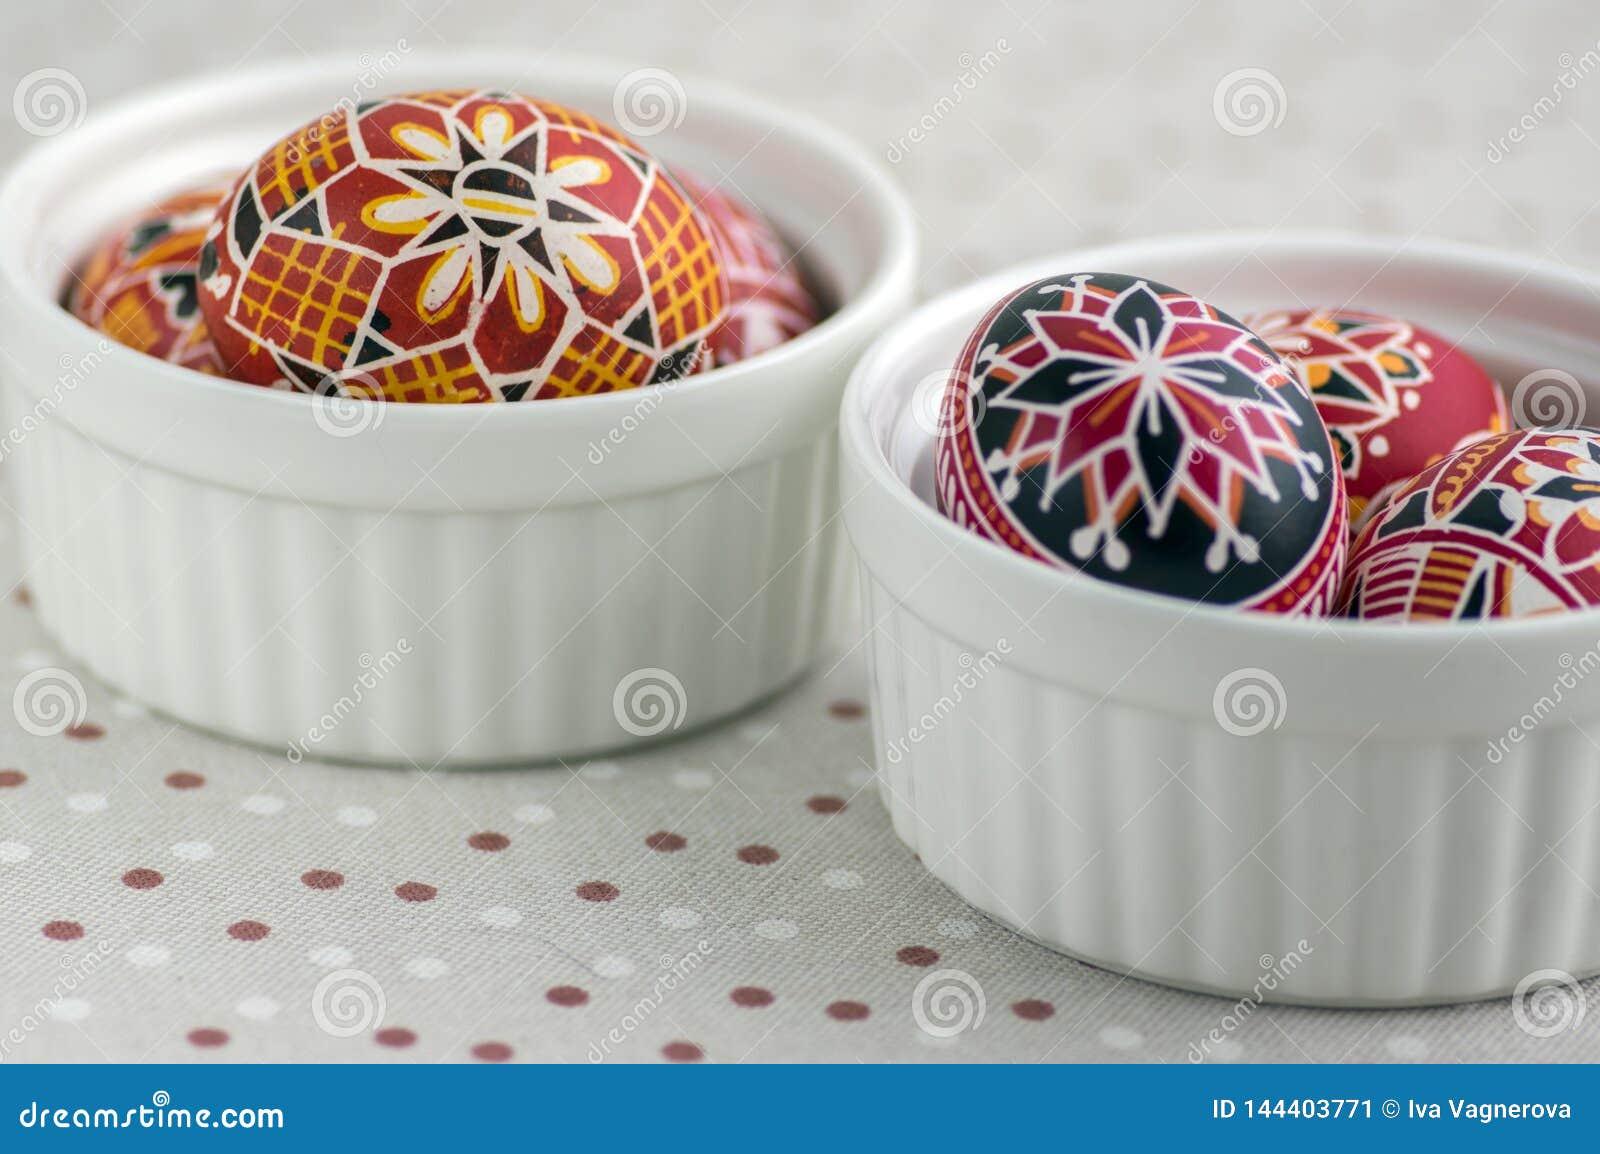 Ζωηρόχρωμα χρωματισμένα αυγά Πάσχας στα άσπρα κύπελλα στο διαστιγμένο τραπεζομάντιλο, παραδοσιακή όμορφη ζωή Πάσχας ακόμα